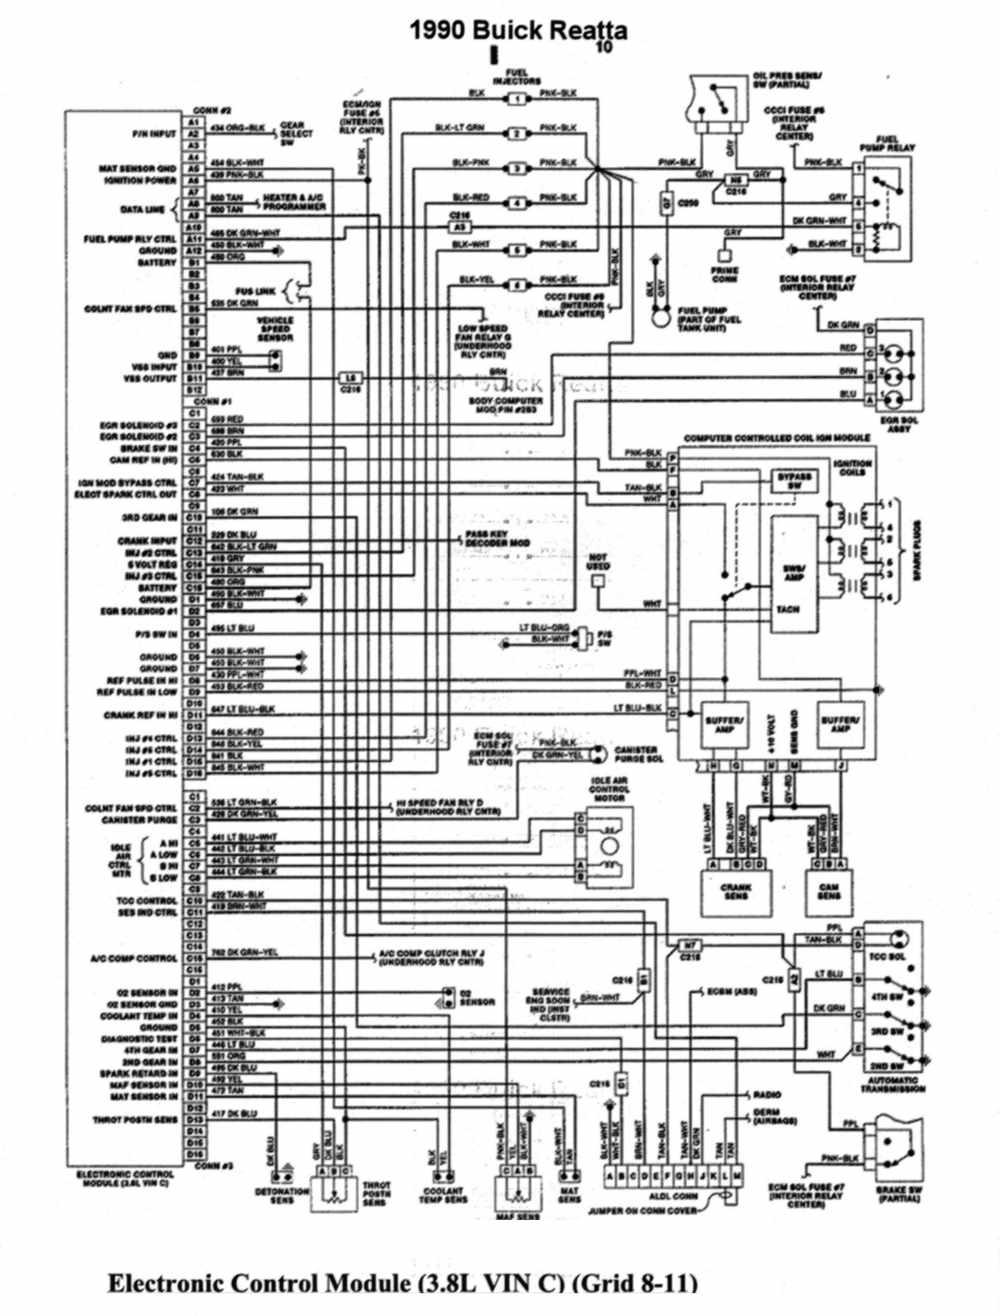 1990 pontiac firebird wiring schematic wiring library1990 pontiac firebird wiring schematic